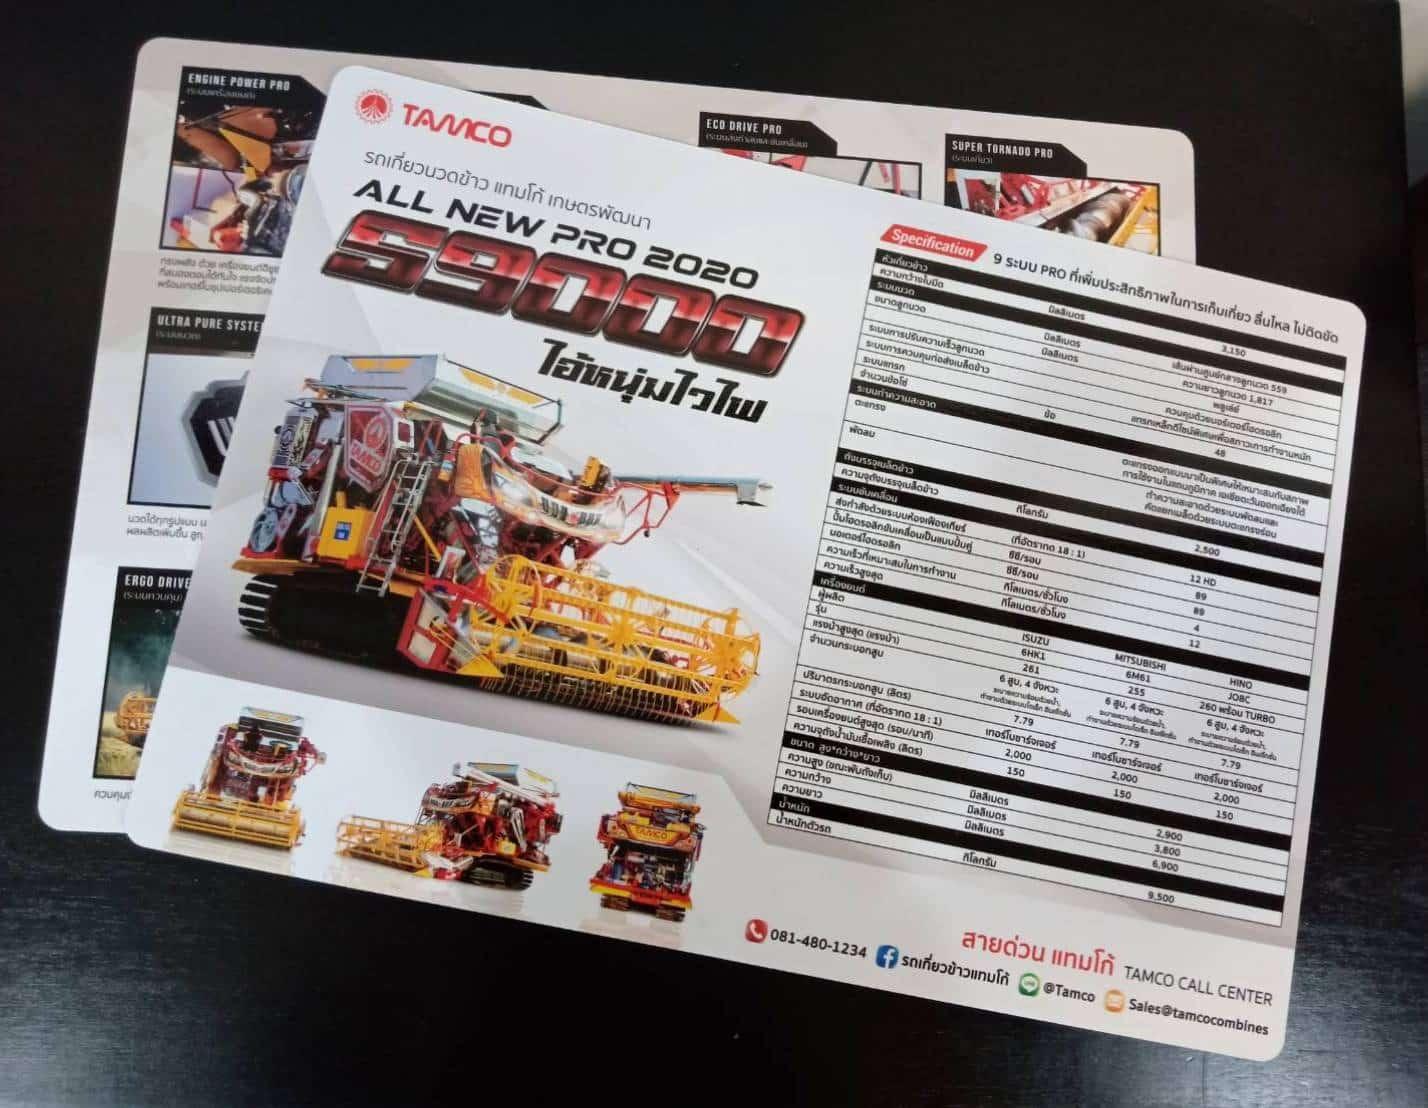 303292 - ตัวอย่างงานแผ่นแค็ตตาล็อกสินค้า: รถเกี่ยวข้าว รุ่น ไอ้หนุ่มไวไฟ S9000 ALL NEW PRO